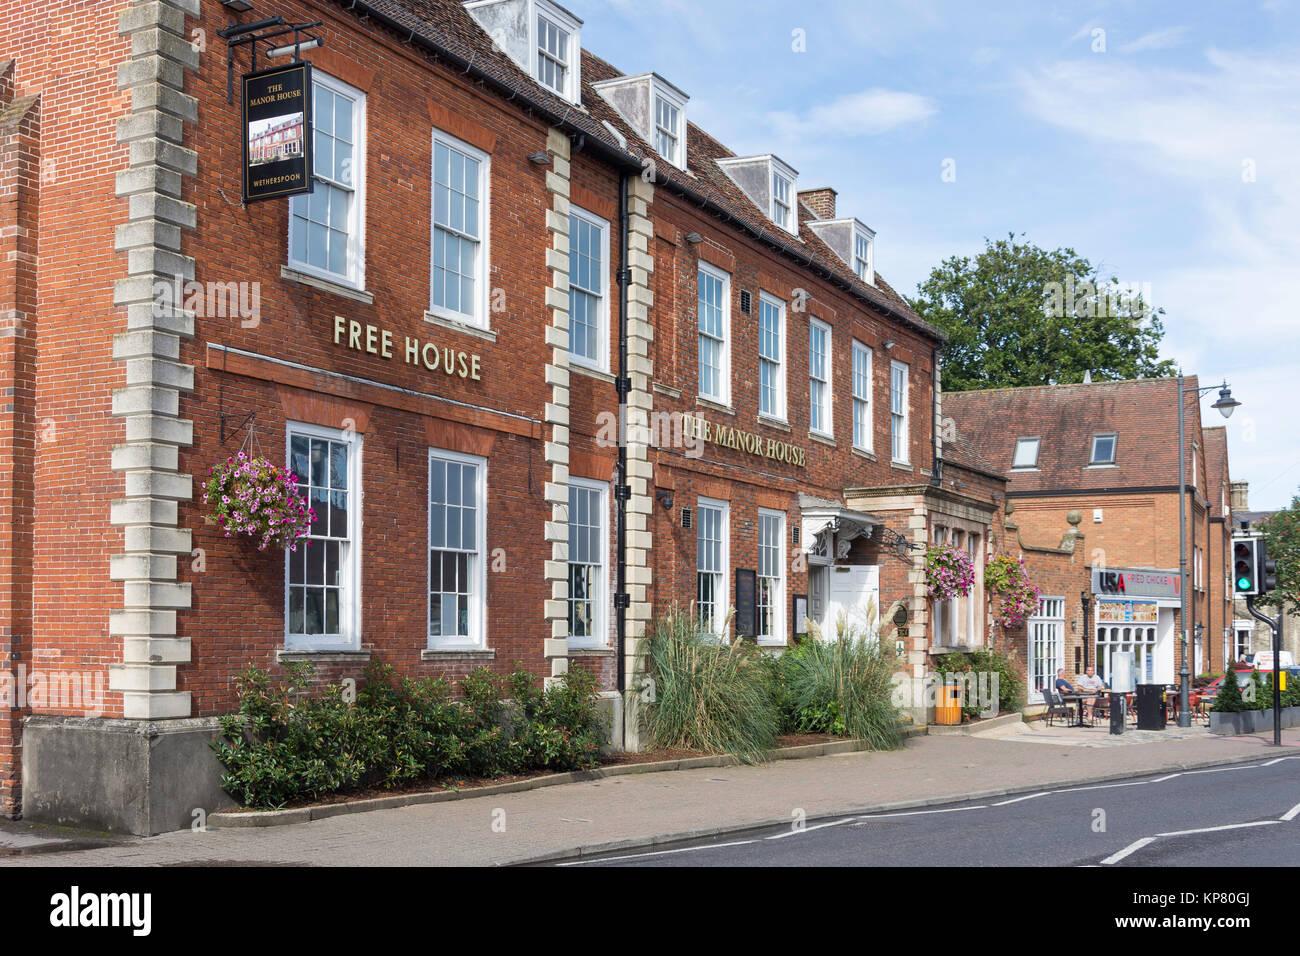 Wetherspoons The Manor House Pub, Melbourn Street, Royston, Hertfordshire, England, United Kingdom - Stock Image